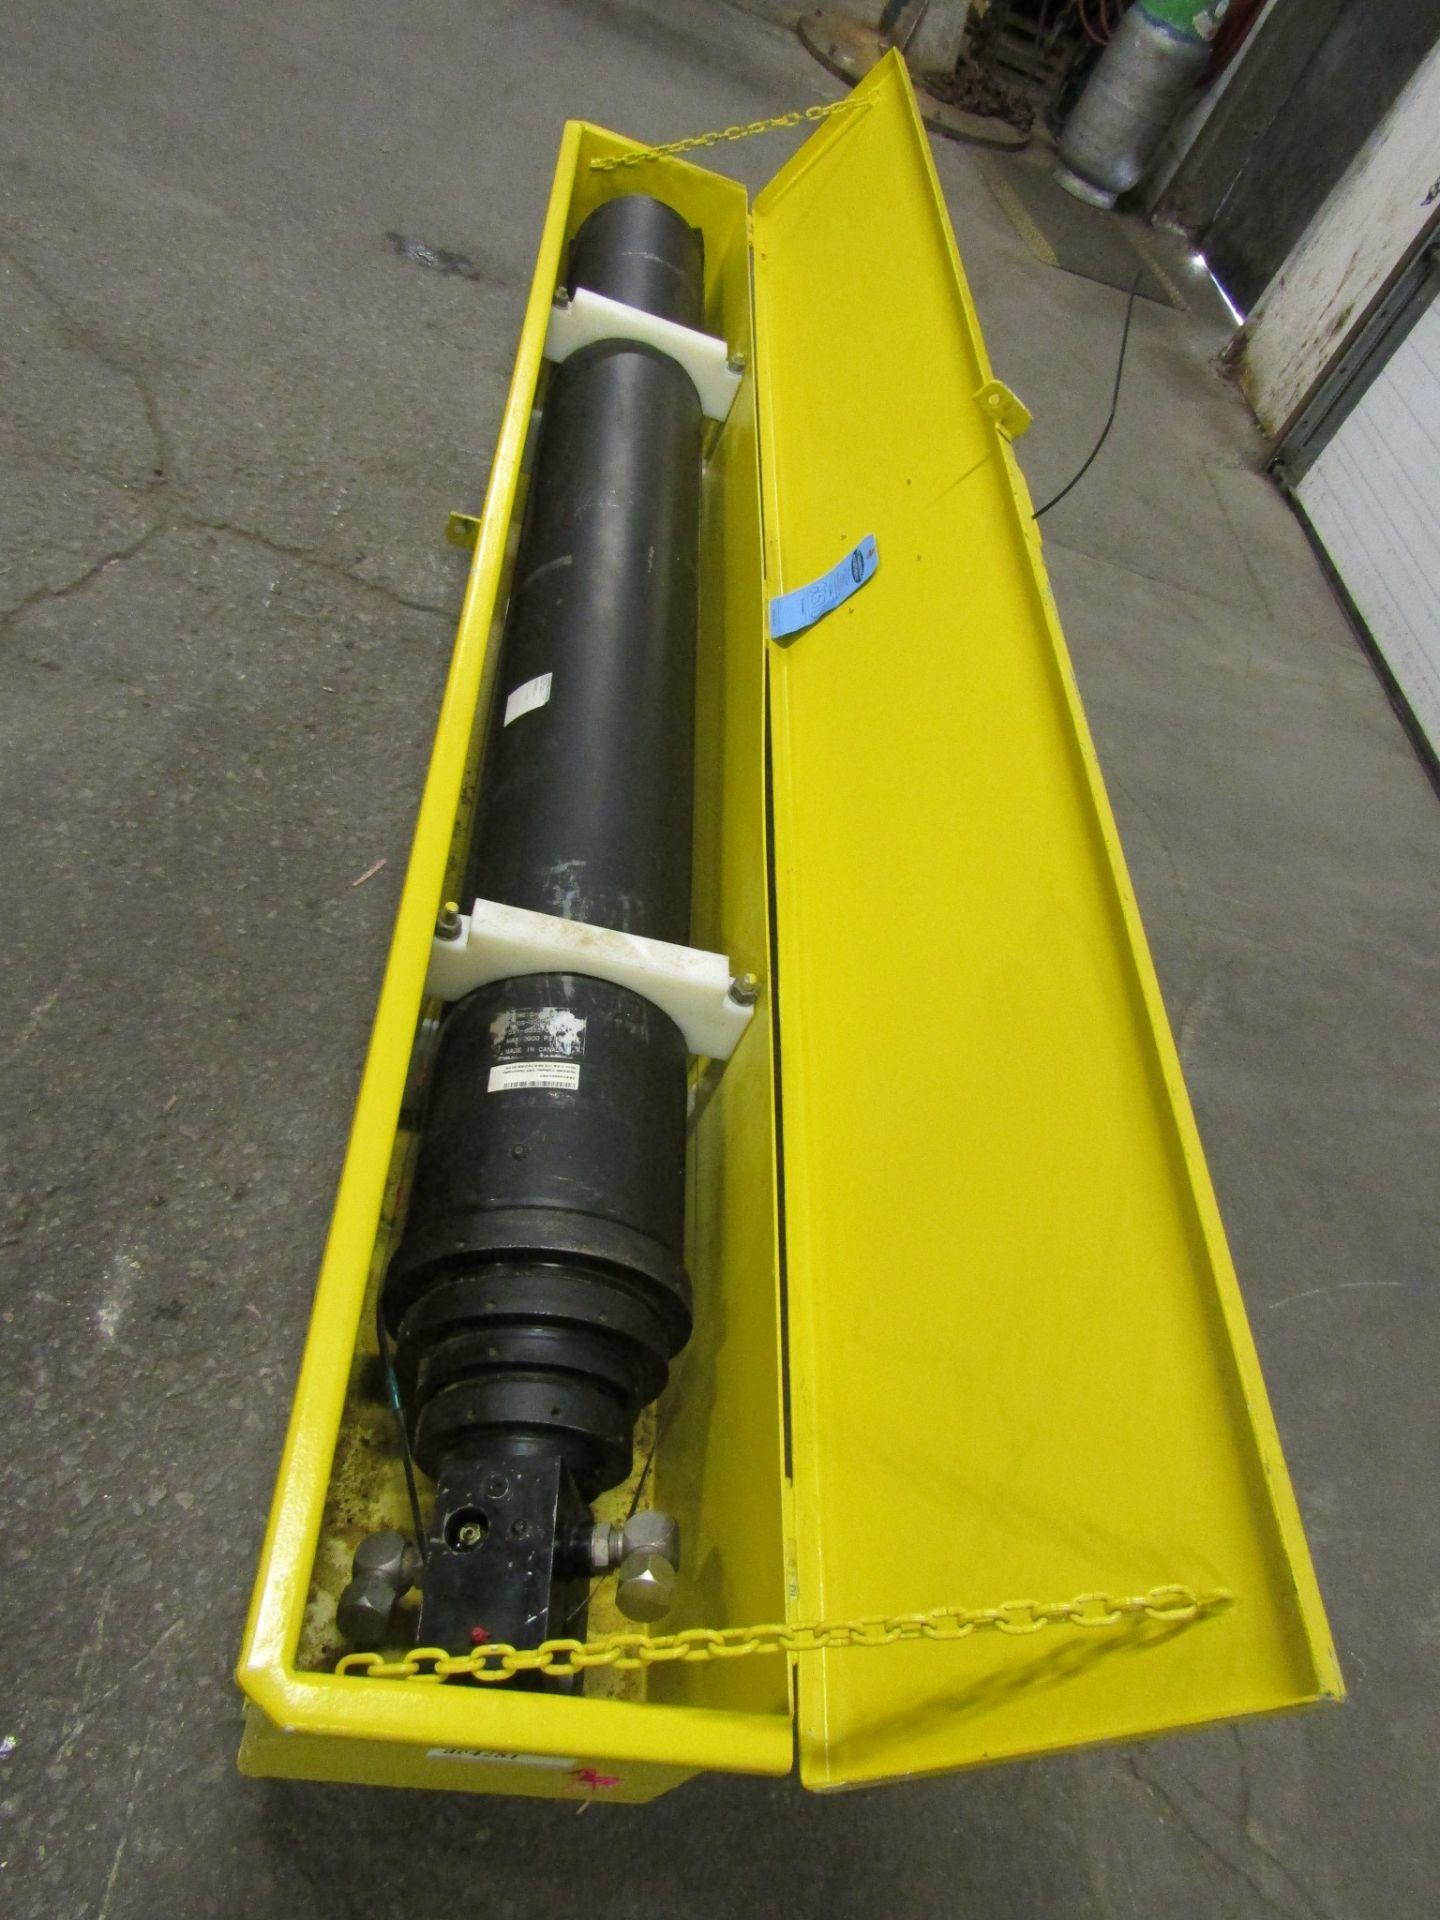 CRT LMC Qualmec Roll-Off Truck 4-stage Hydraulic Cylinder - 8' long NEW UNIT